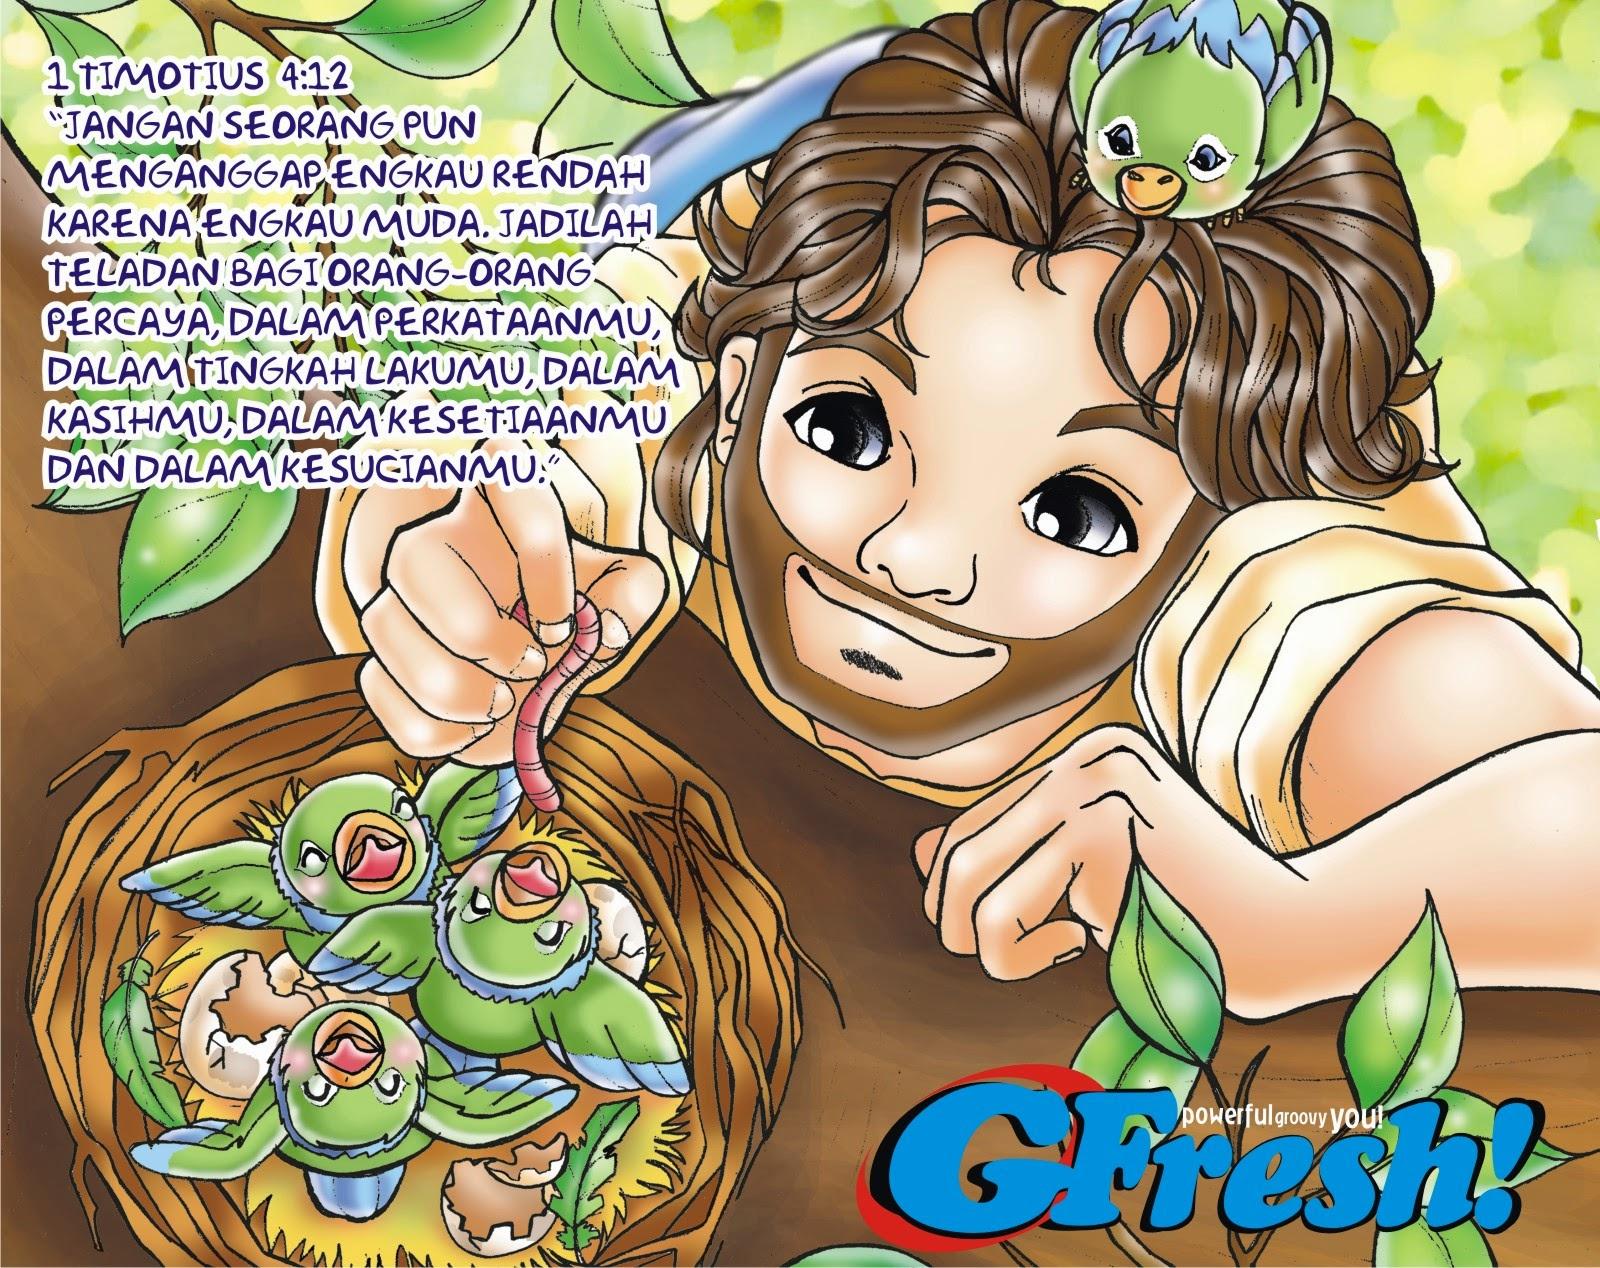 Gambar Animasi Dp Bbm Paskah Terbaru Display Picture Update